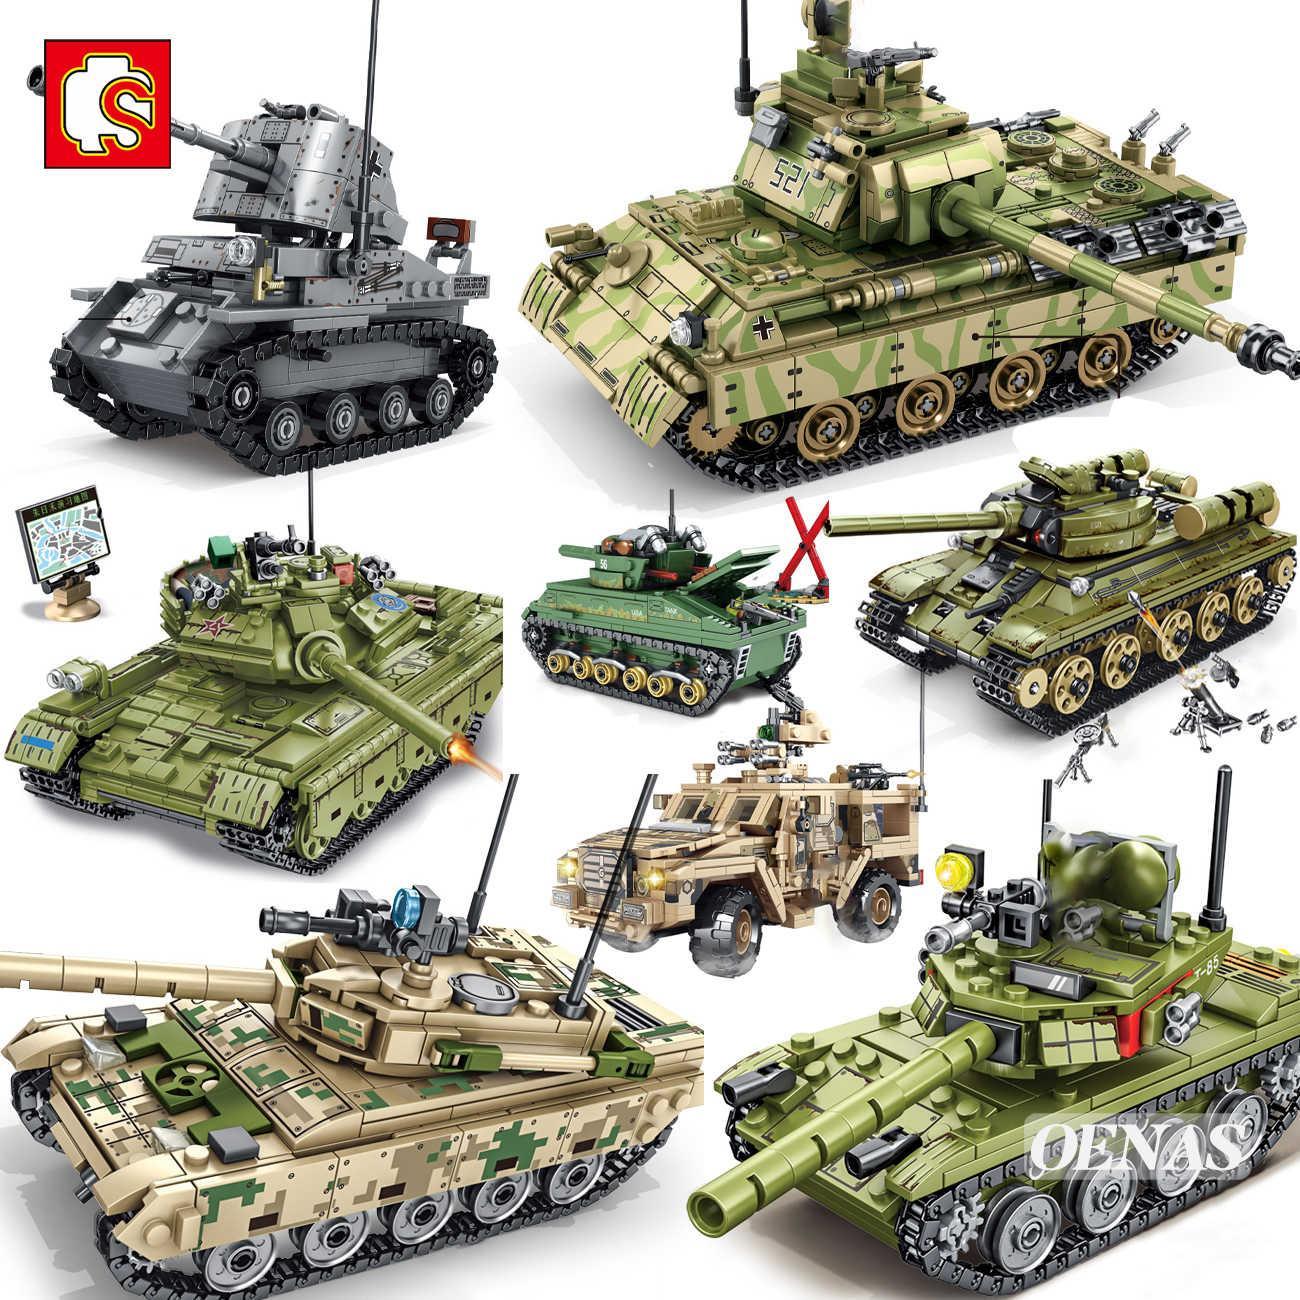 شبه العسكرية WW2 الجيش عمل أرقام VT4 T34 Z9 الرئيسية معركة خزان مركبة نموذج اللبنات أطقم أطفال ألعاب تعليمية هدية